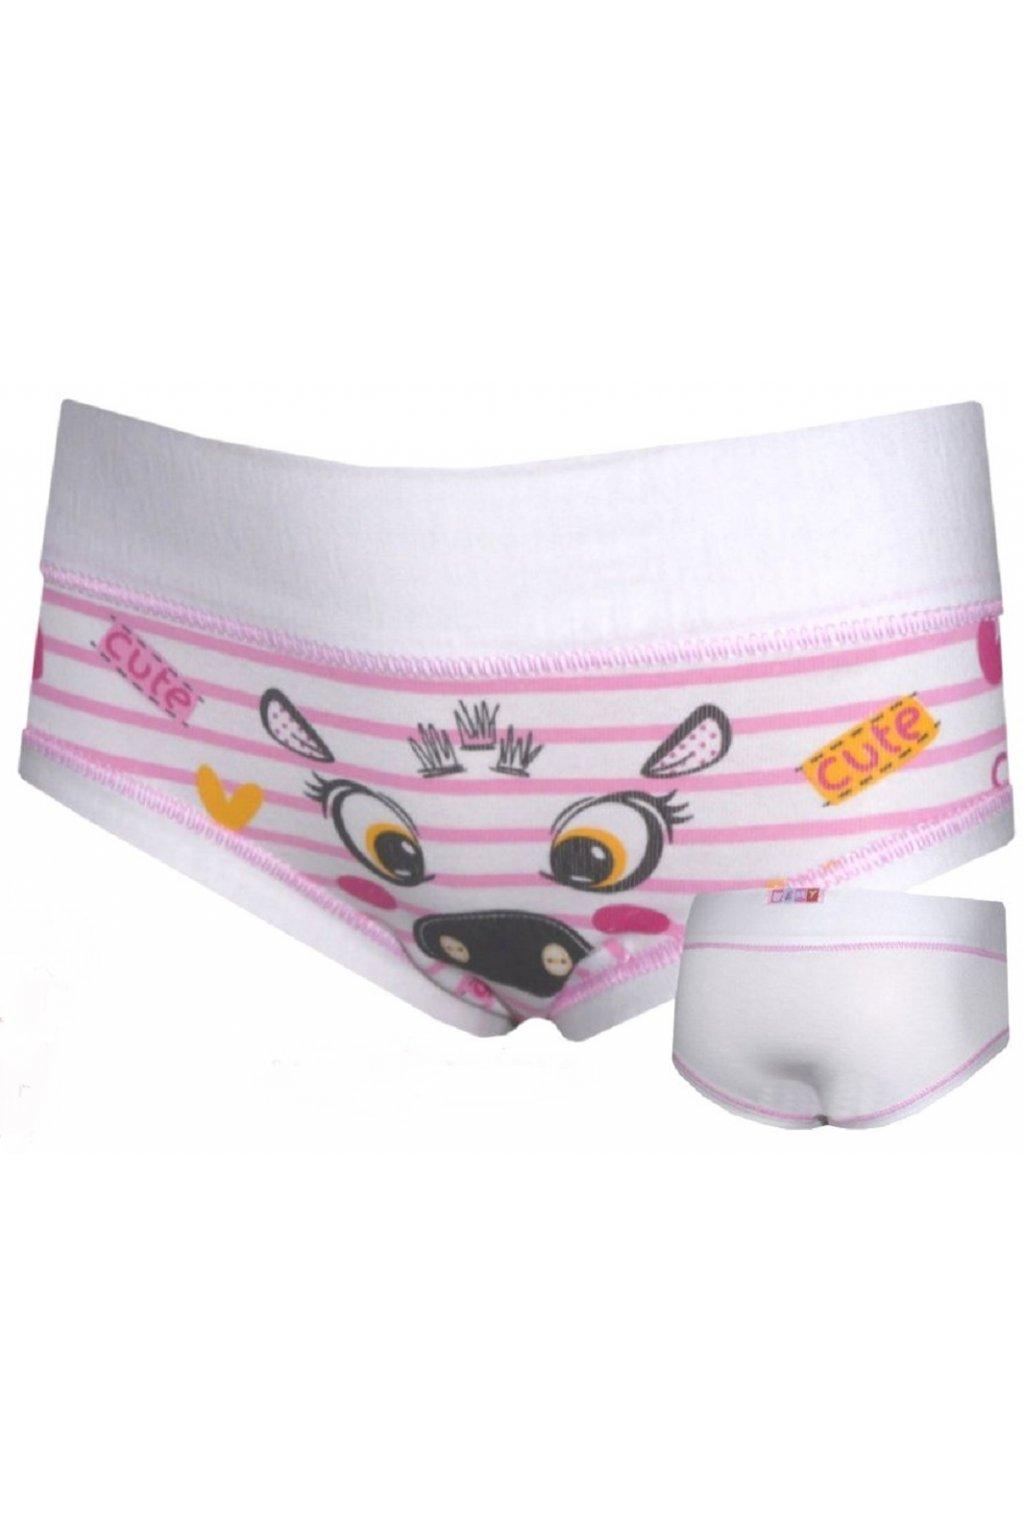 Dívčí kalhotky Emy SPB 2027  Bianco